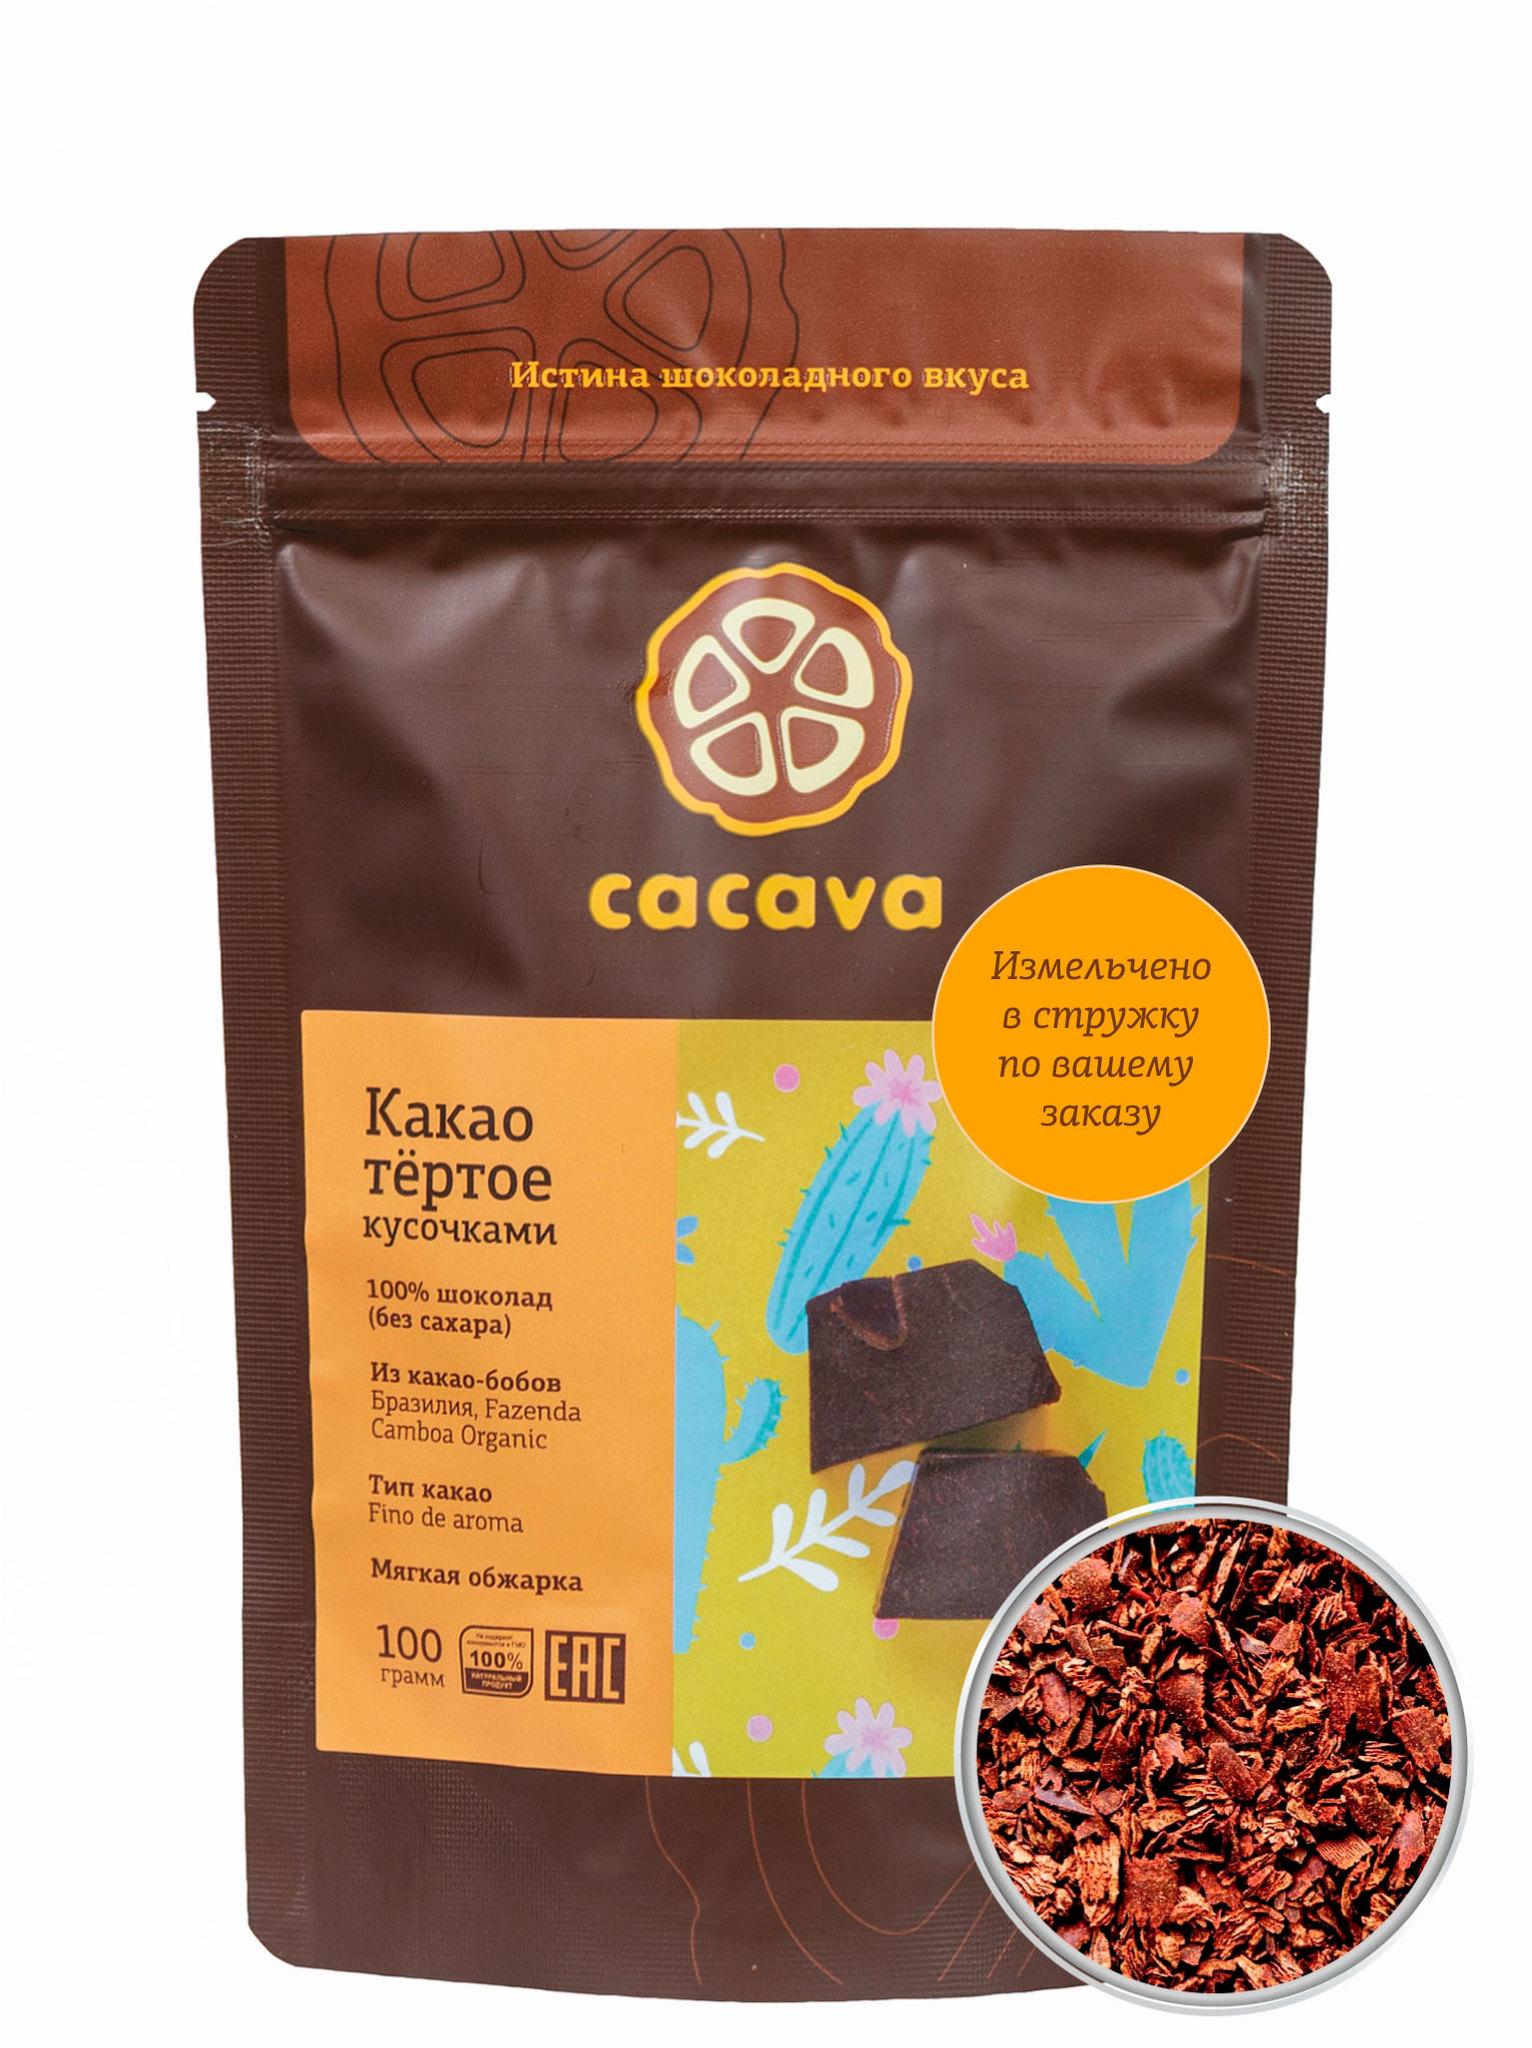 Какао тёртое в стружке (Бразилия, Fazenda Camboa), упаковка 100 грамм